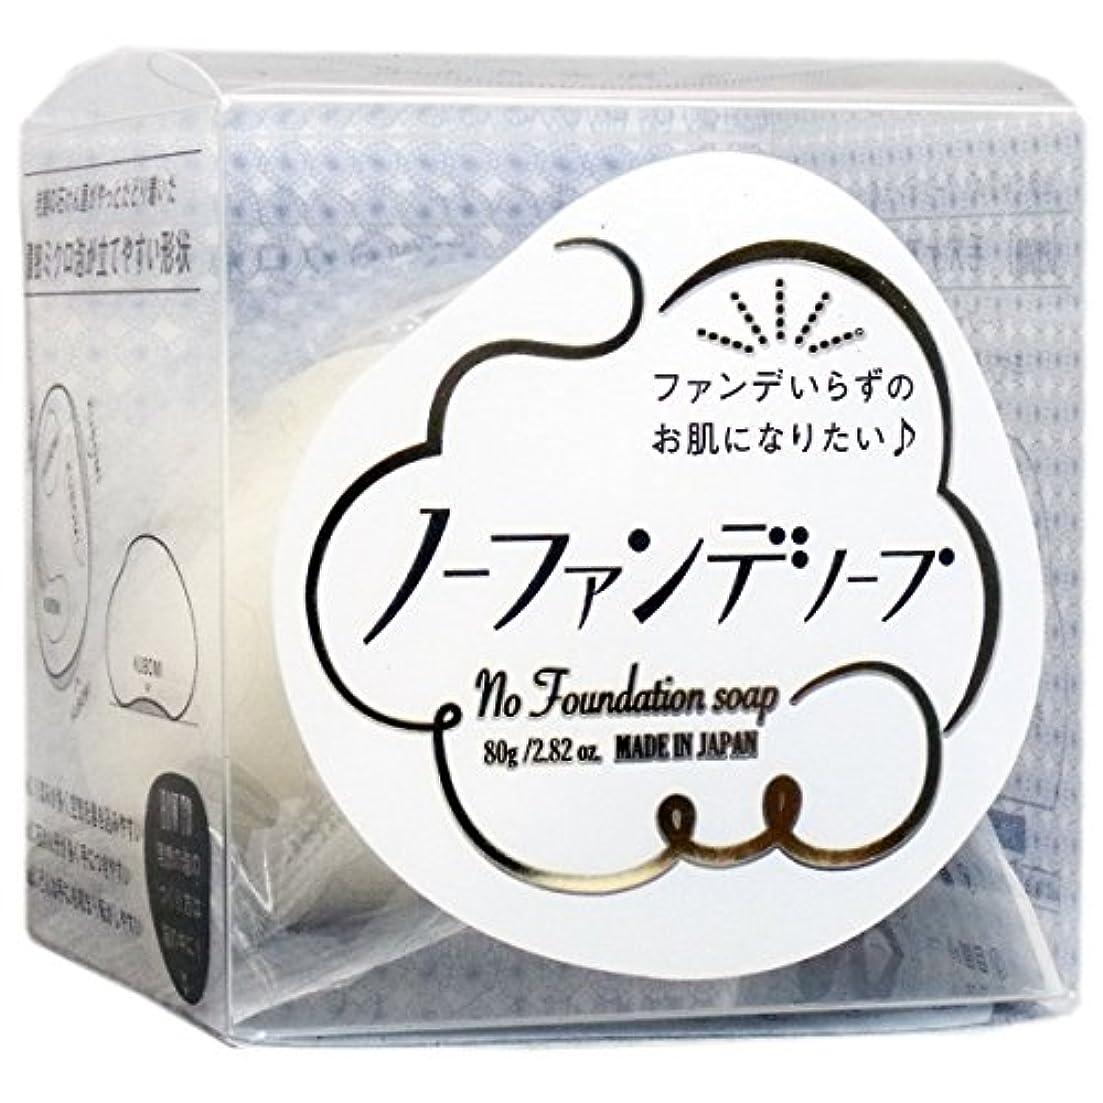 ニッケル靄呼吸する【まとめ買い】ノーファンデソープ 80g【×4個】